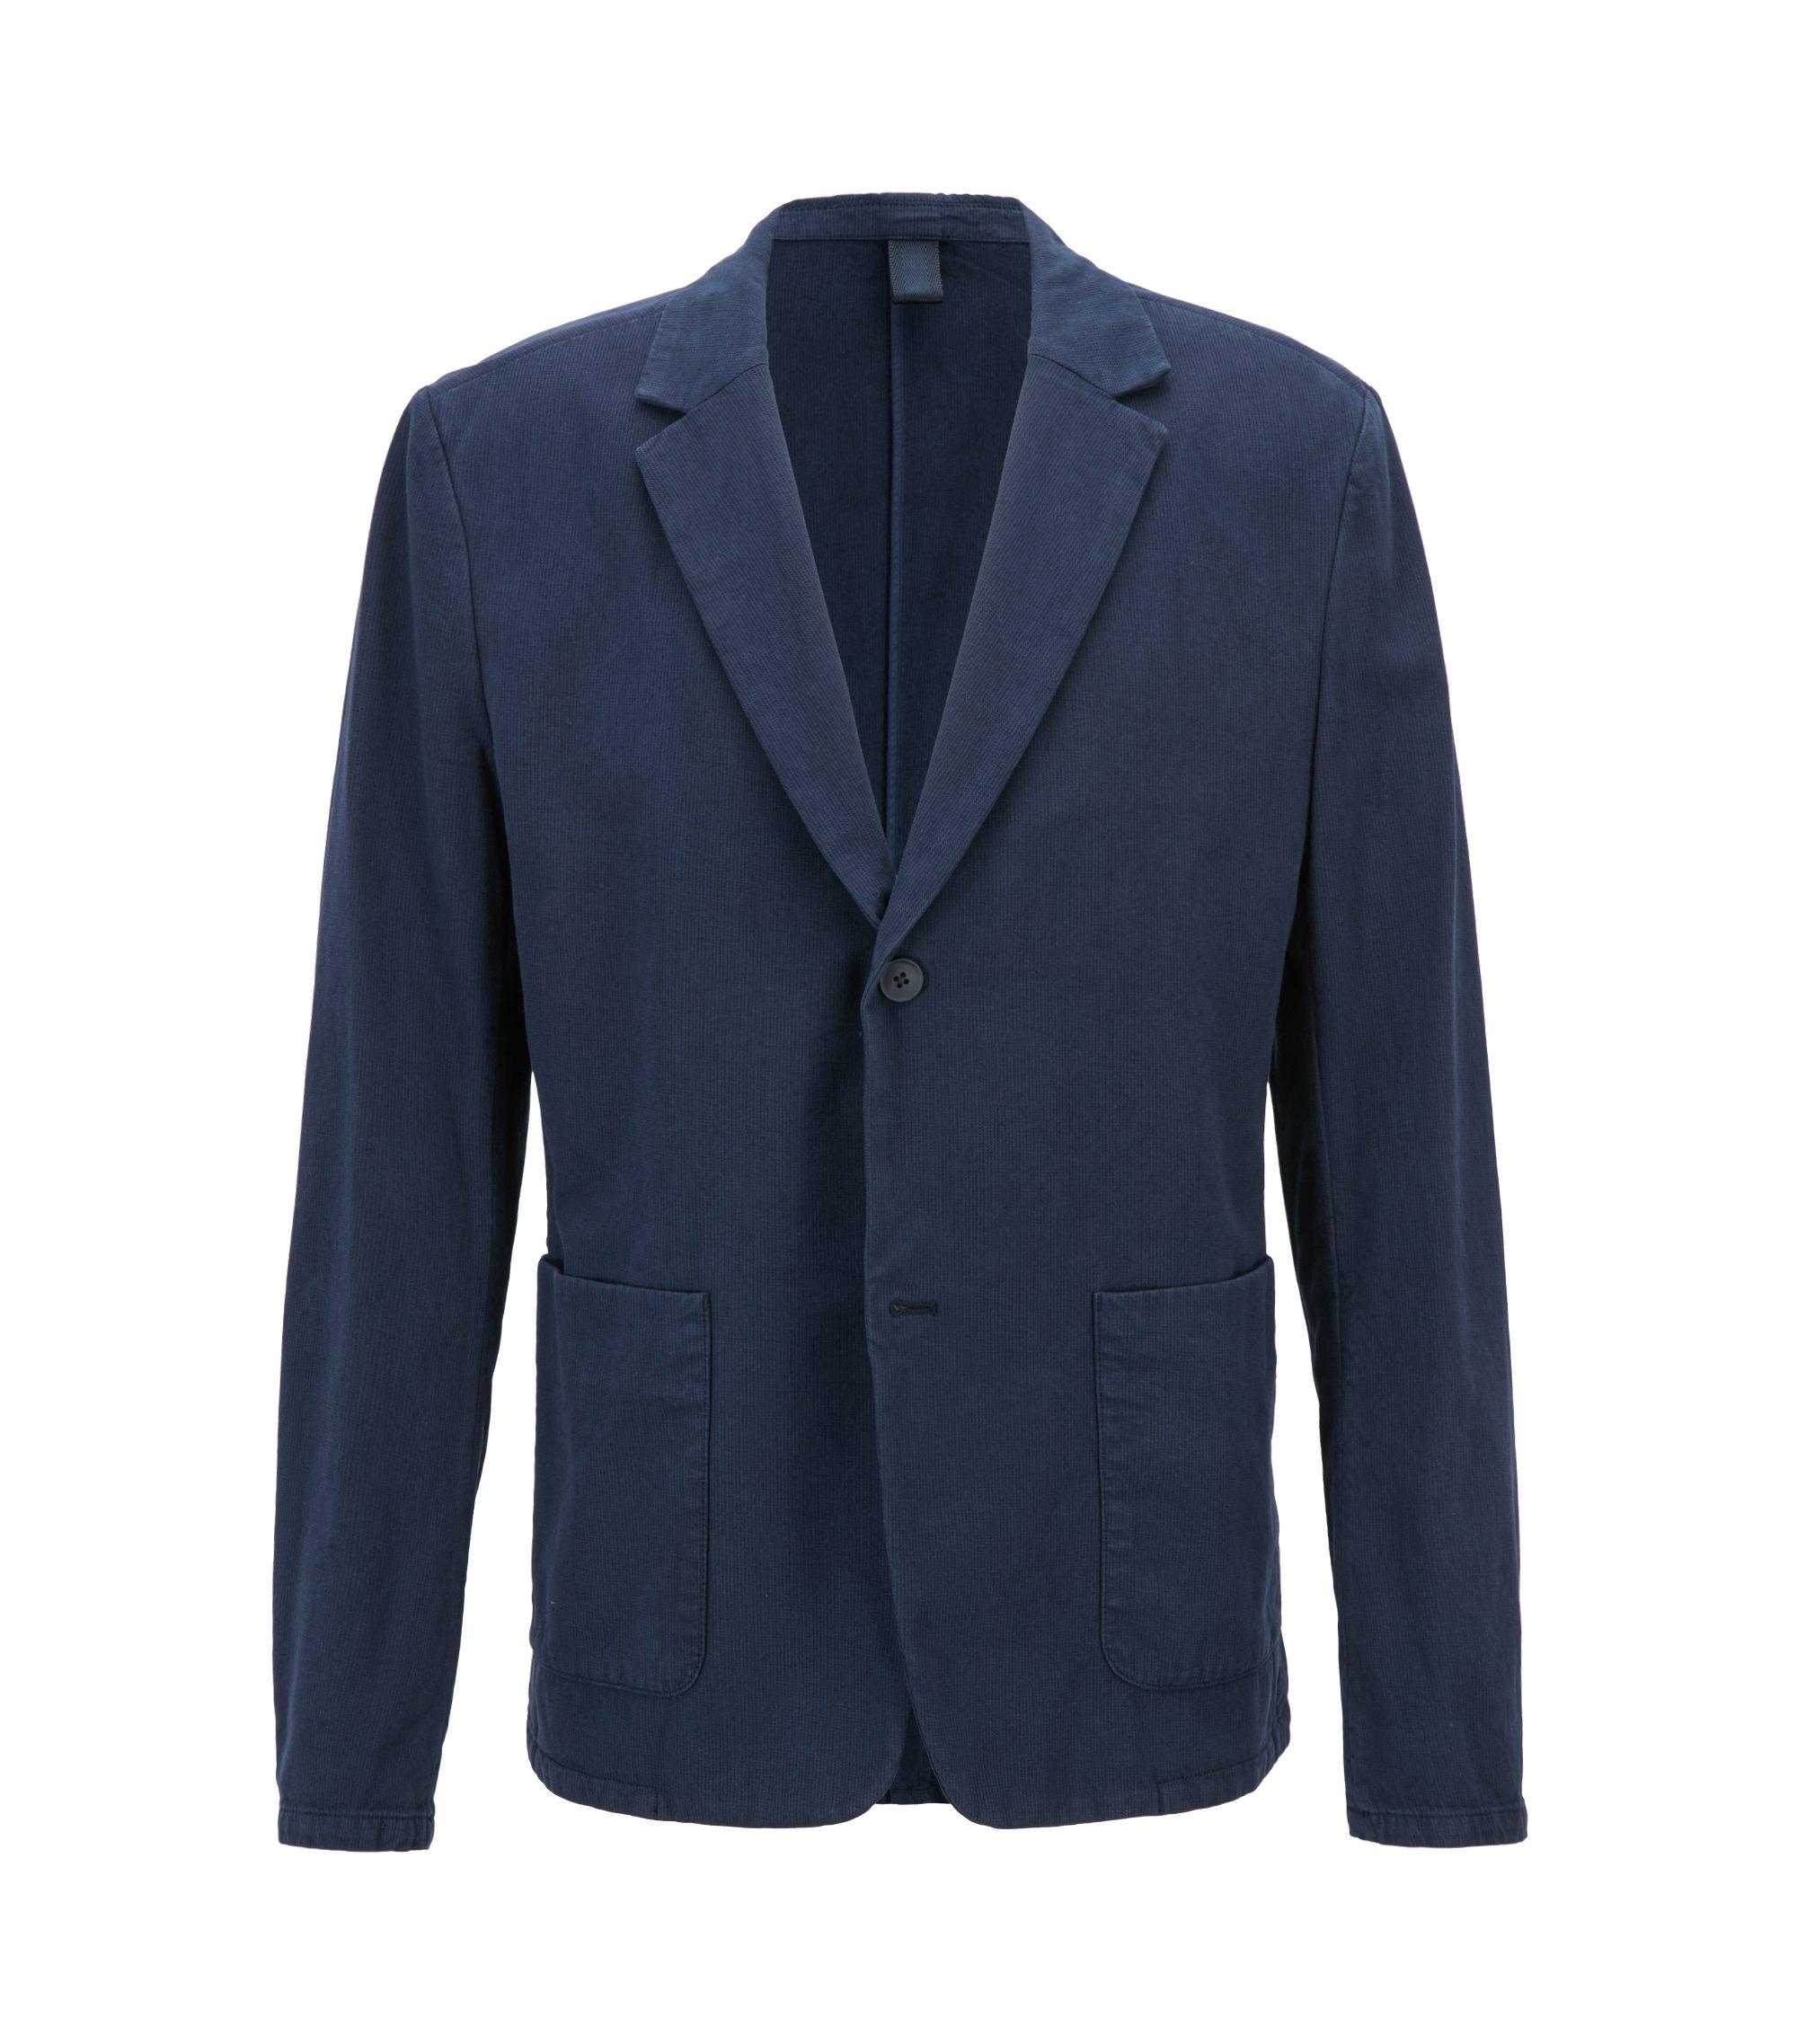 Blazer slim fit in cotone elasticizzato bicolore, Blu scuro